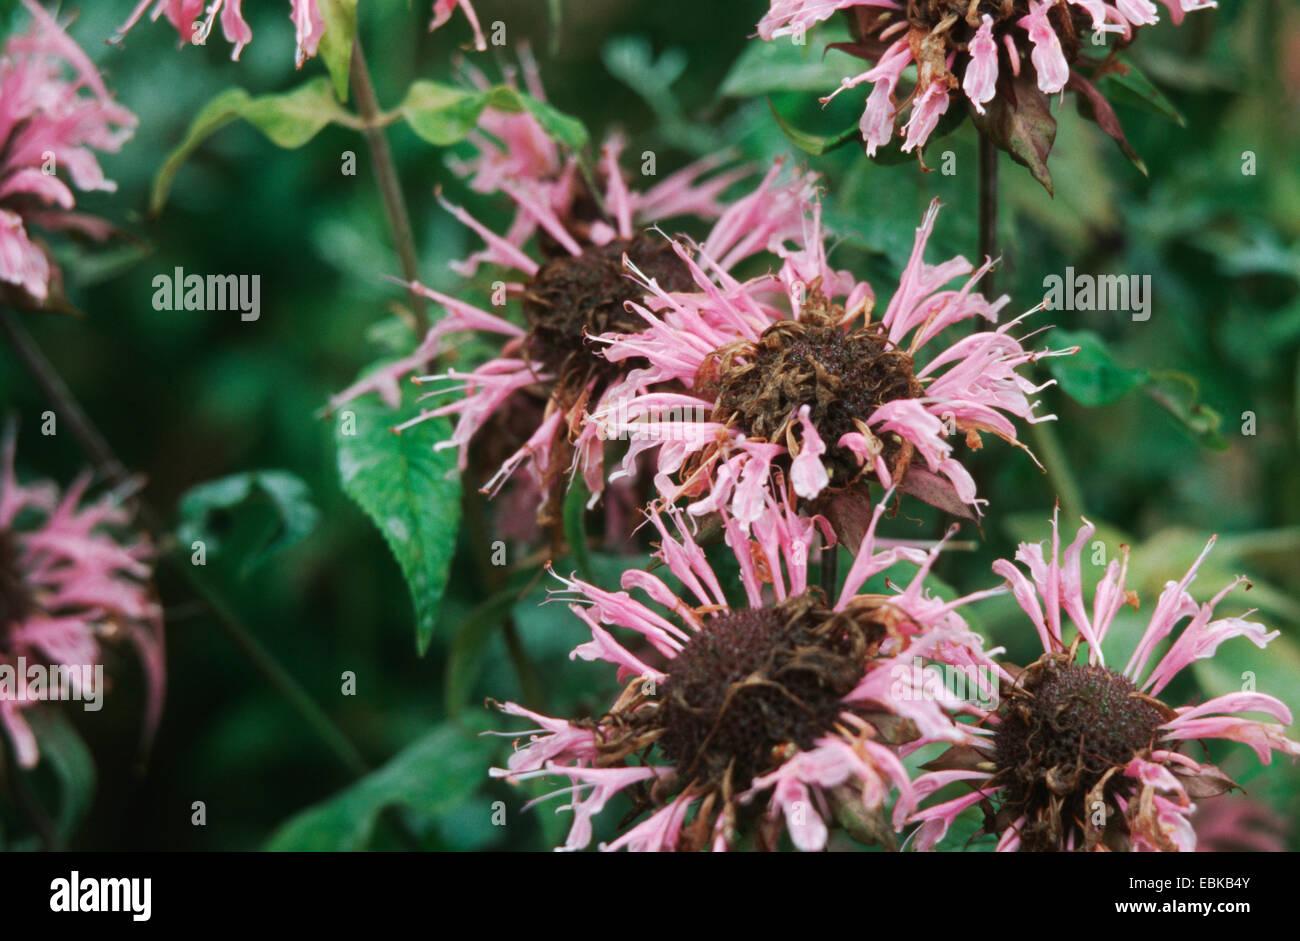 bee balm, oswego tea (Monarda didyma), blooming plants - Stock Image